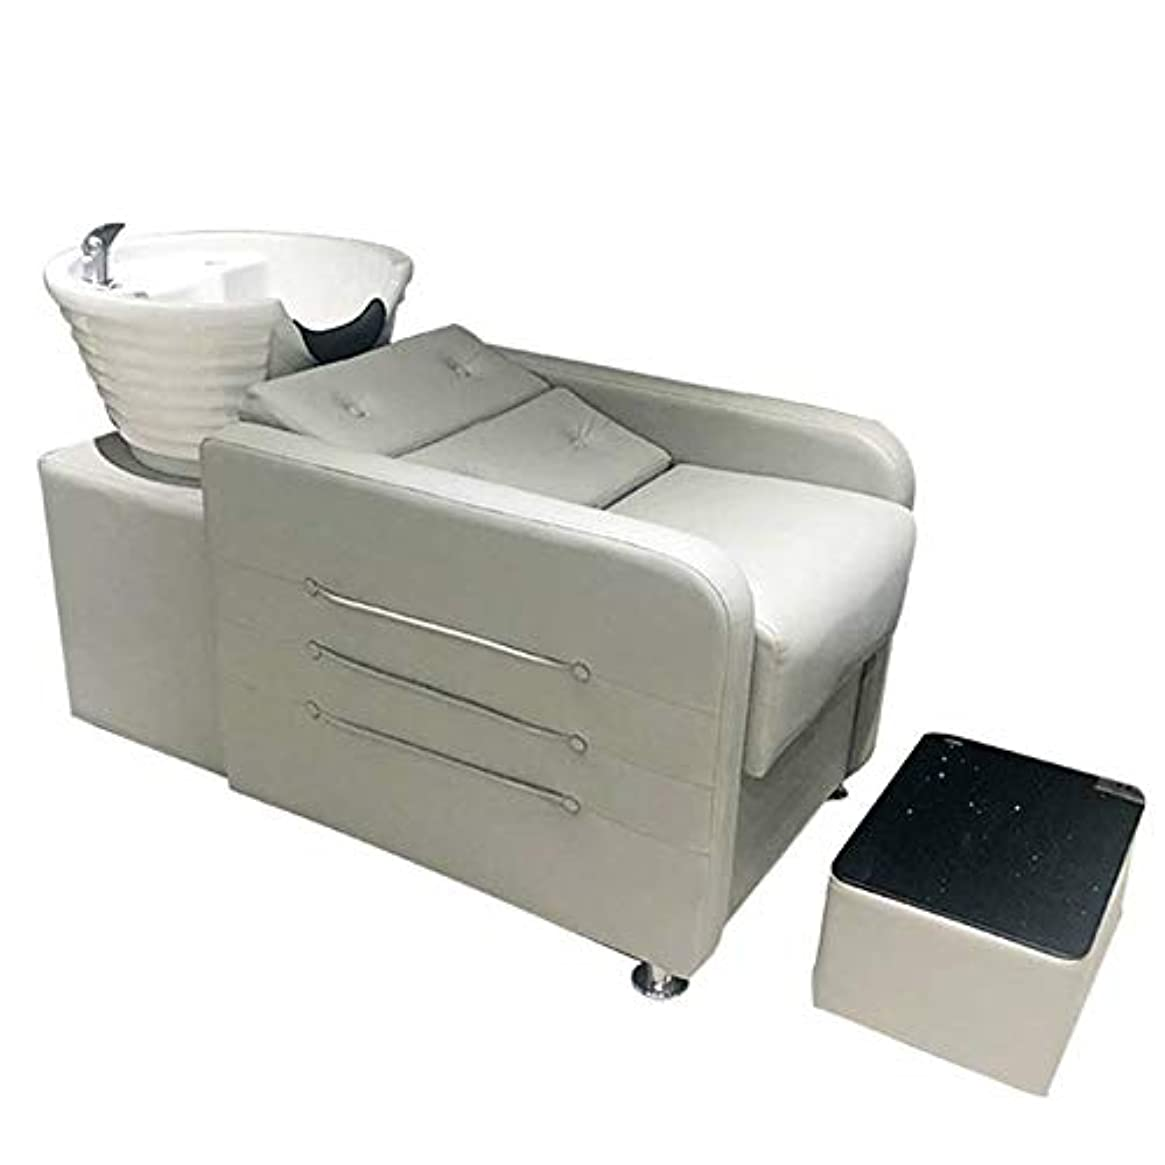 悲しむ戸棚ベールシャンプーチェア、 逆洗ユニットシャンプーボウル理髪シンク椅子用スパビューティーサロンフラッシュベッド(グレー)